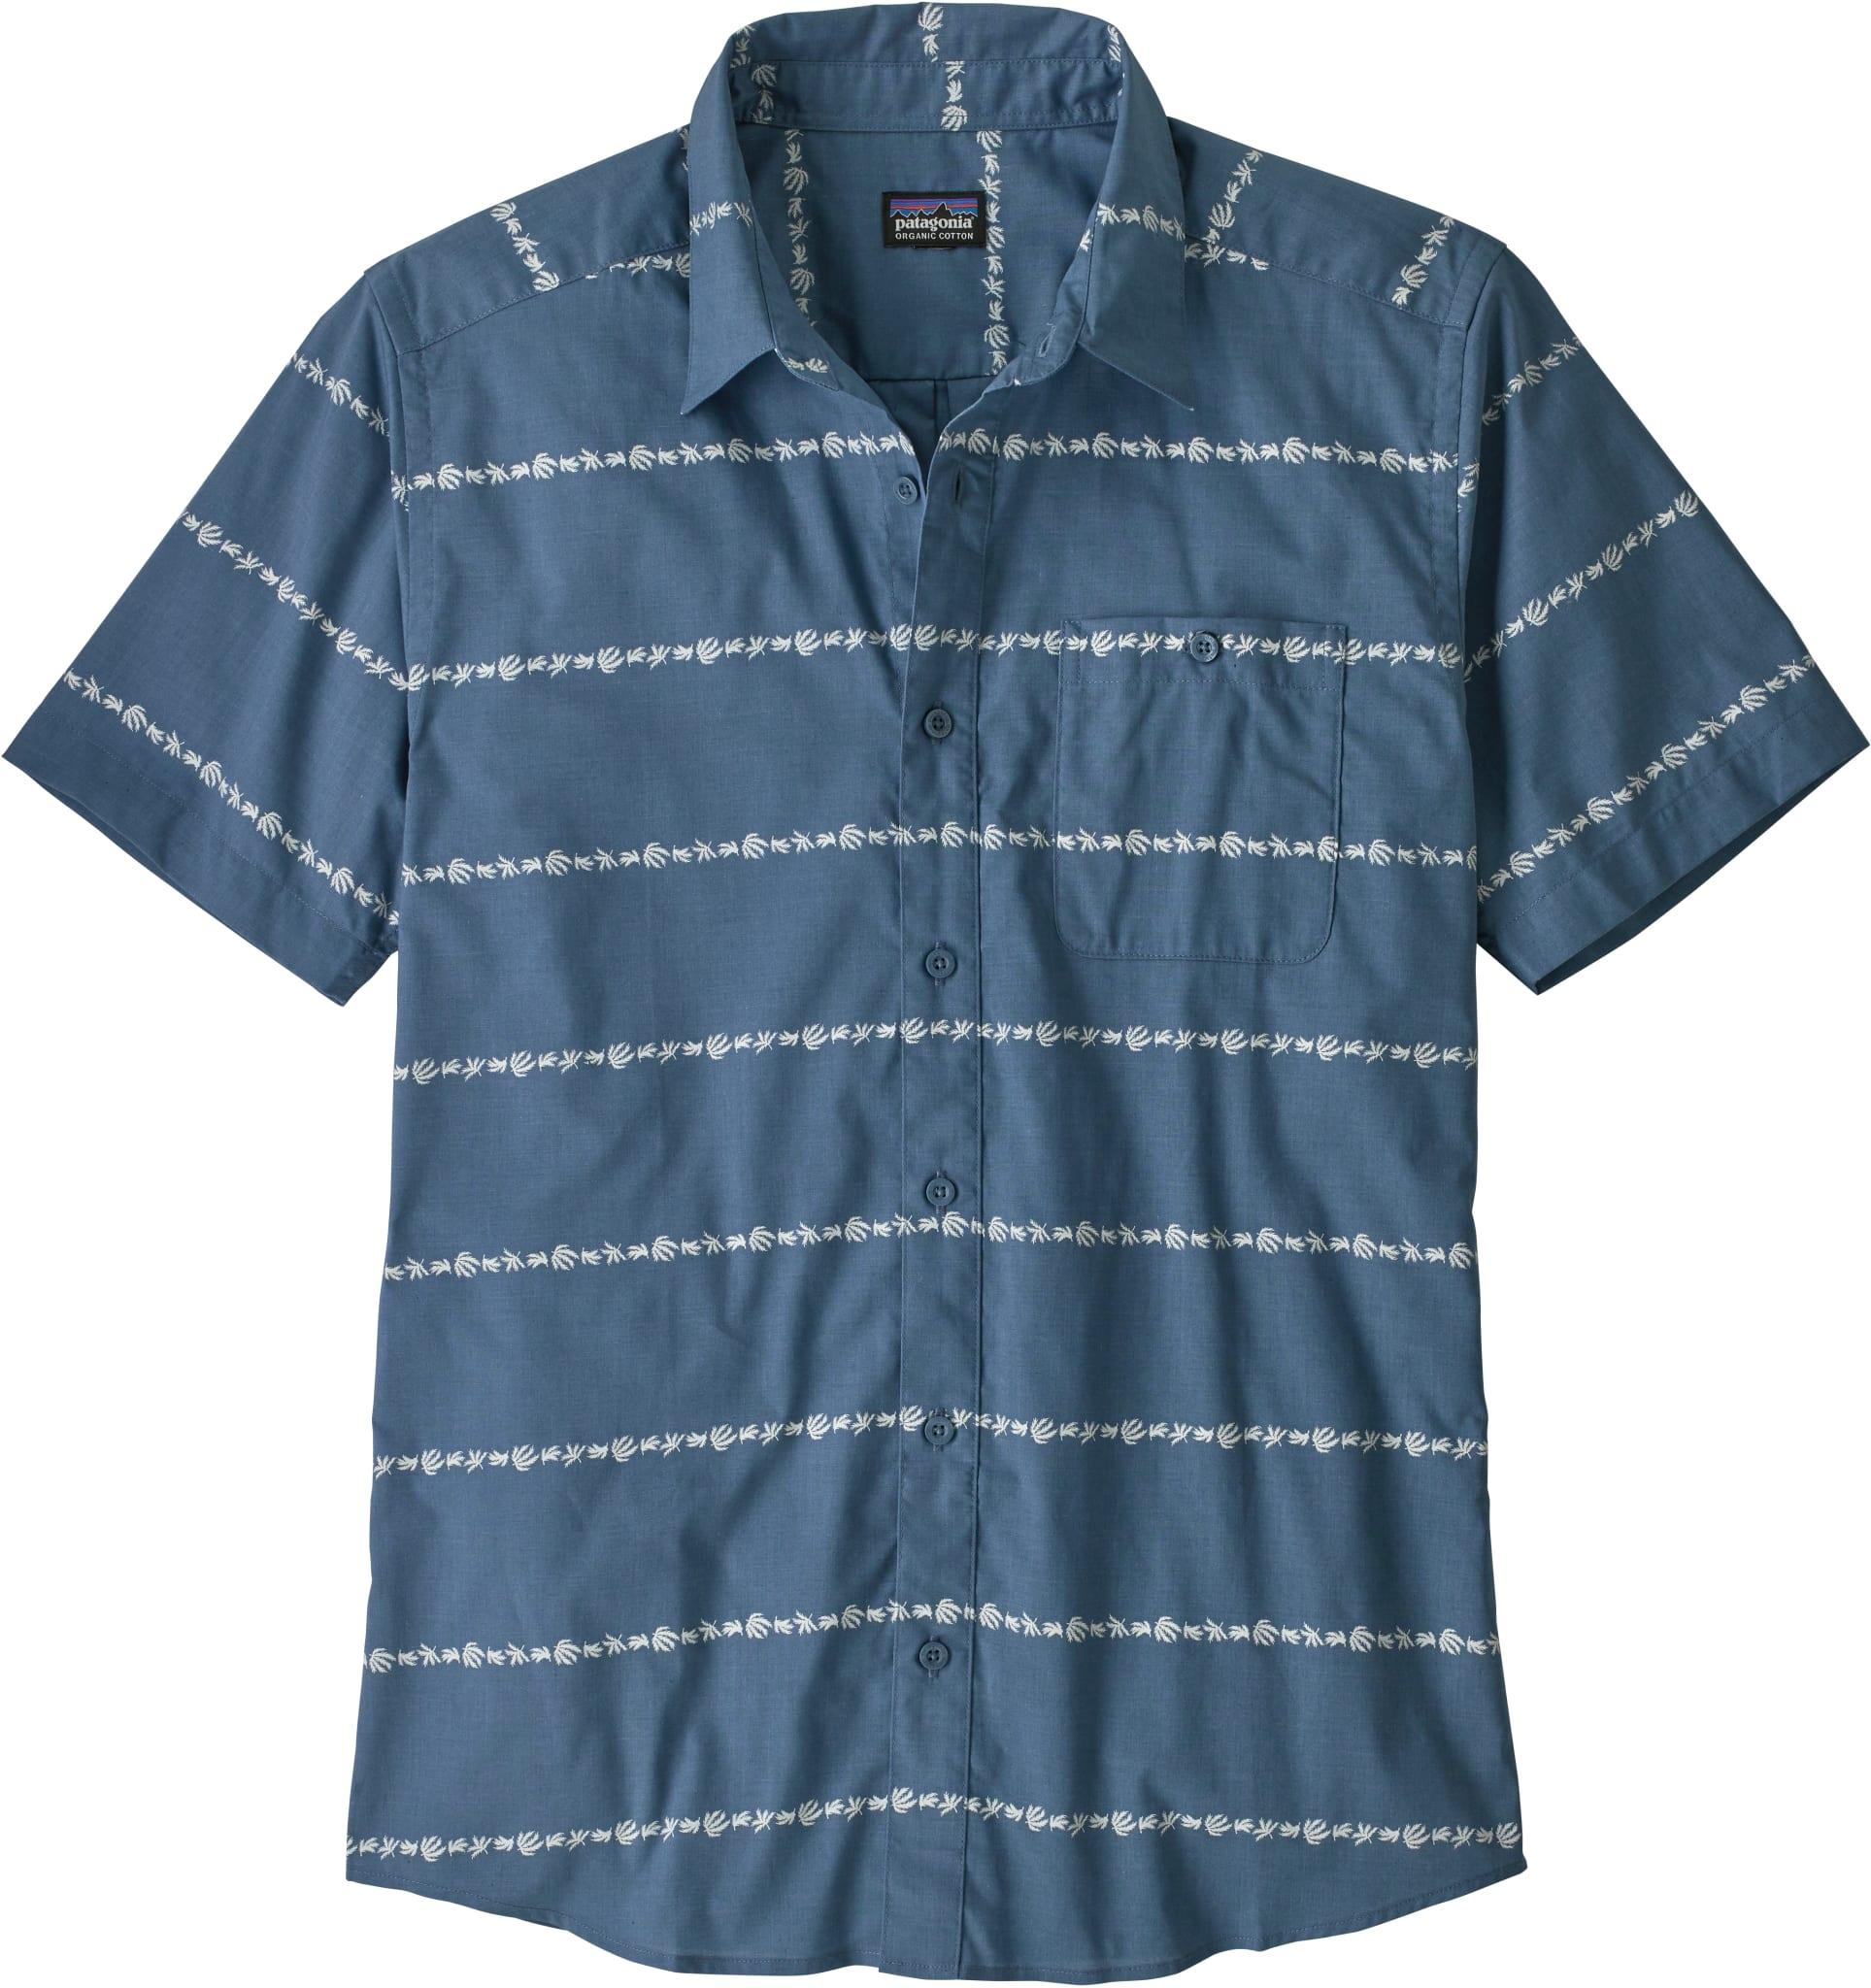 Lett og hurtigtørkende skjorte laget i organisk bomull og resirkulert polyester